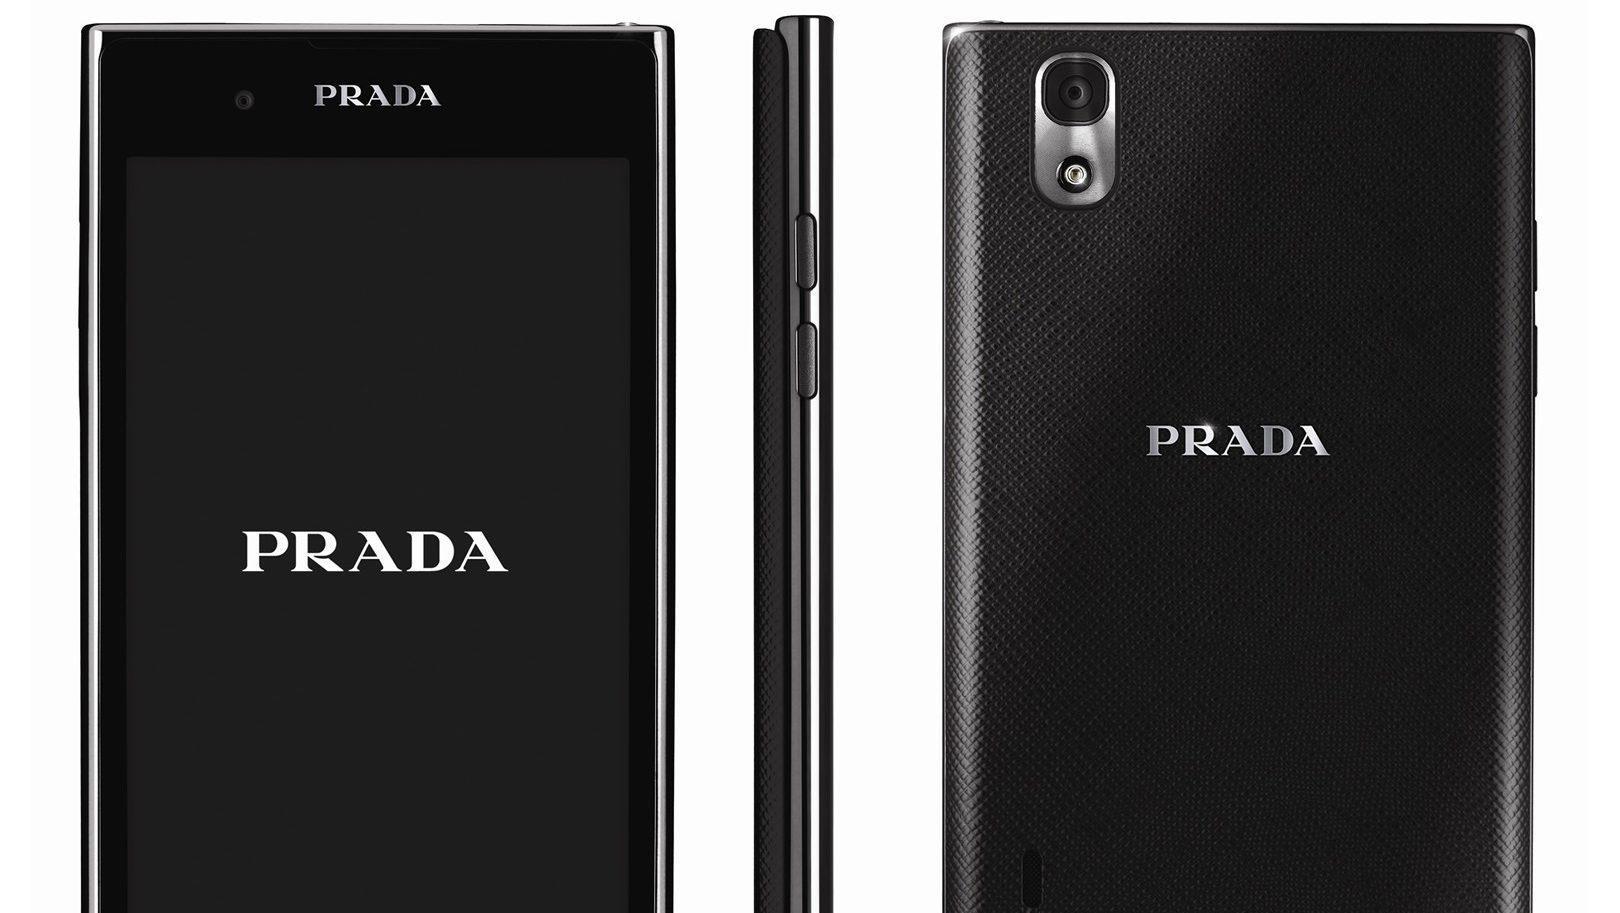 Il primo smartphone al mondo? LG Prada. Il telefono che anticipò l'iPhone